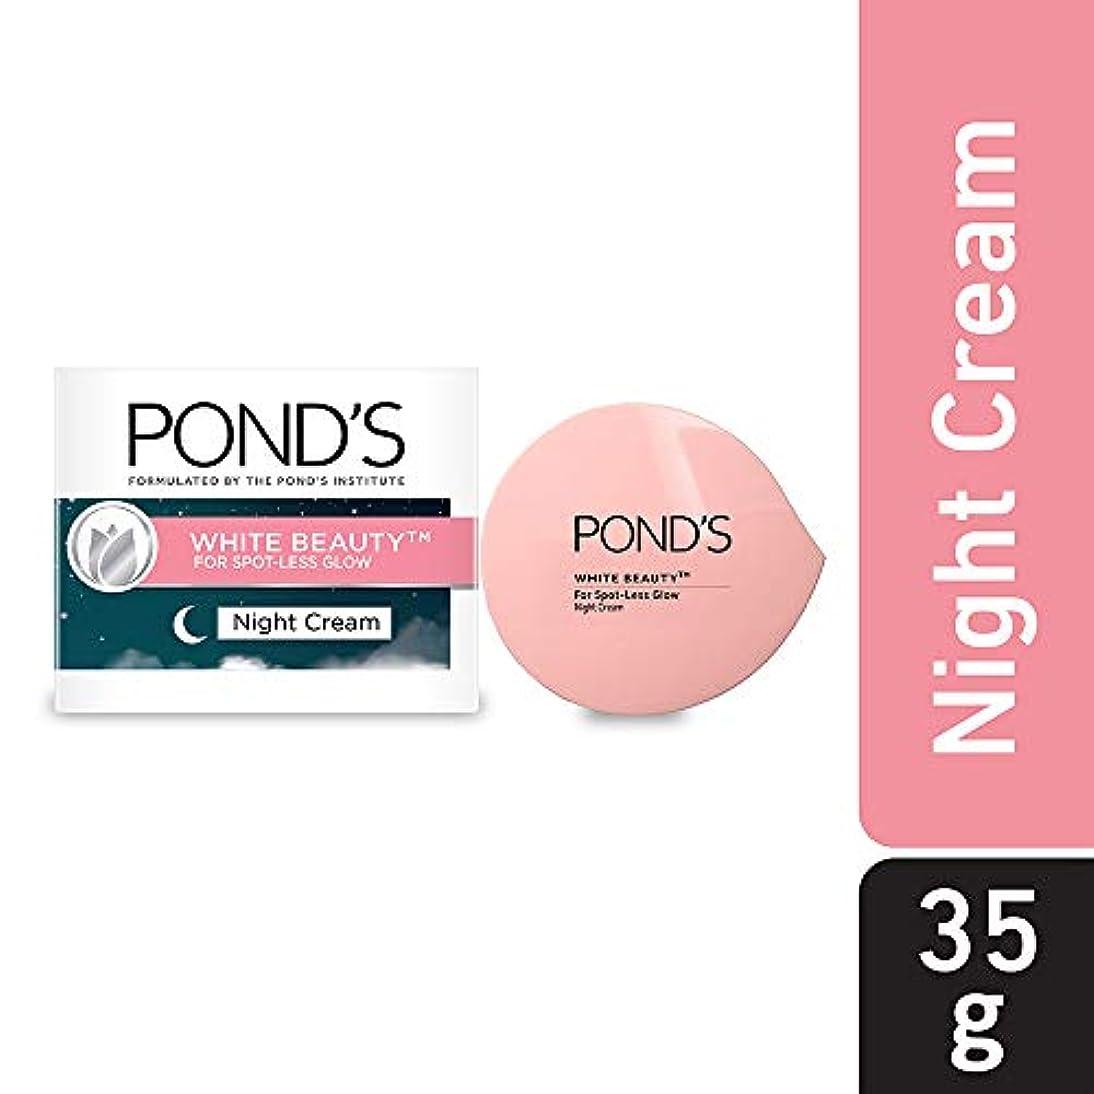 船員ミニチュア輸血POND'S White Beauty Night Cream, 35 g - India (並行インポート)